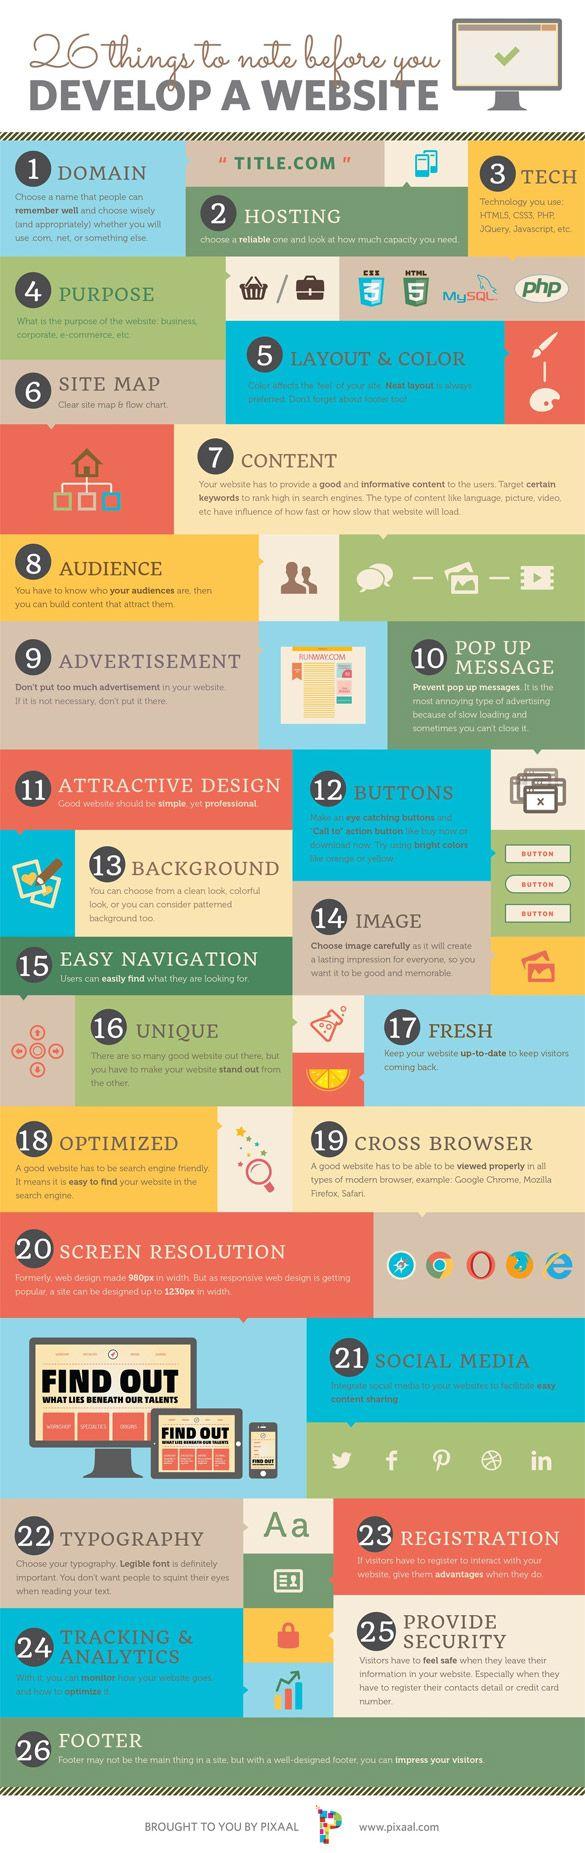 26 cose da considerare prima di sviluppare un sito web.. interessante!